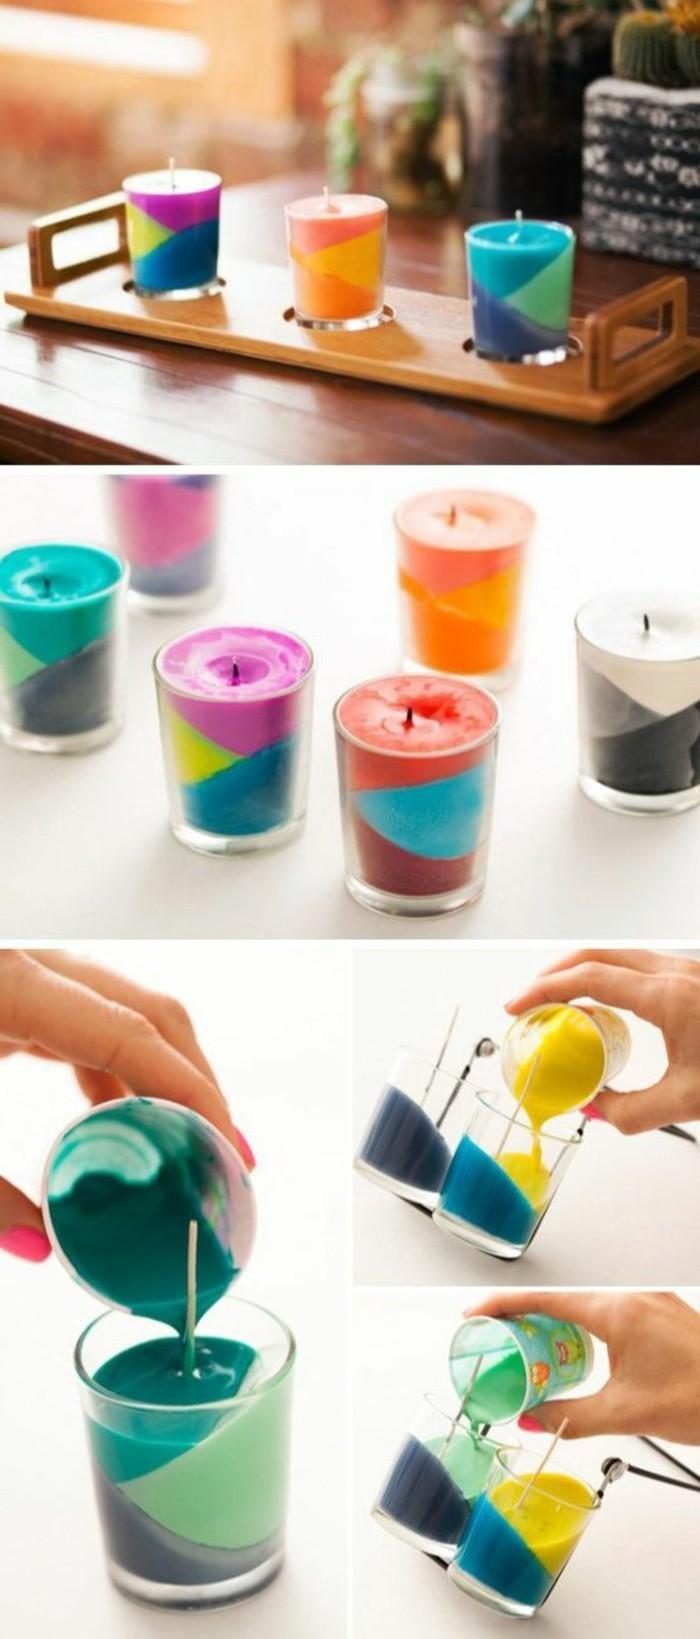 des-bougies-multicolores-a-fabriquer-soi-meme-un-magnifique-tutoriel-pour-faire-une-bougie-parfumee-originale